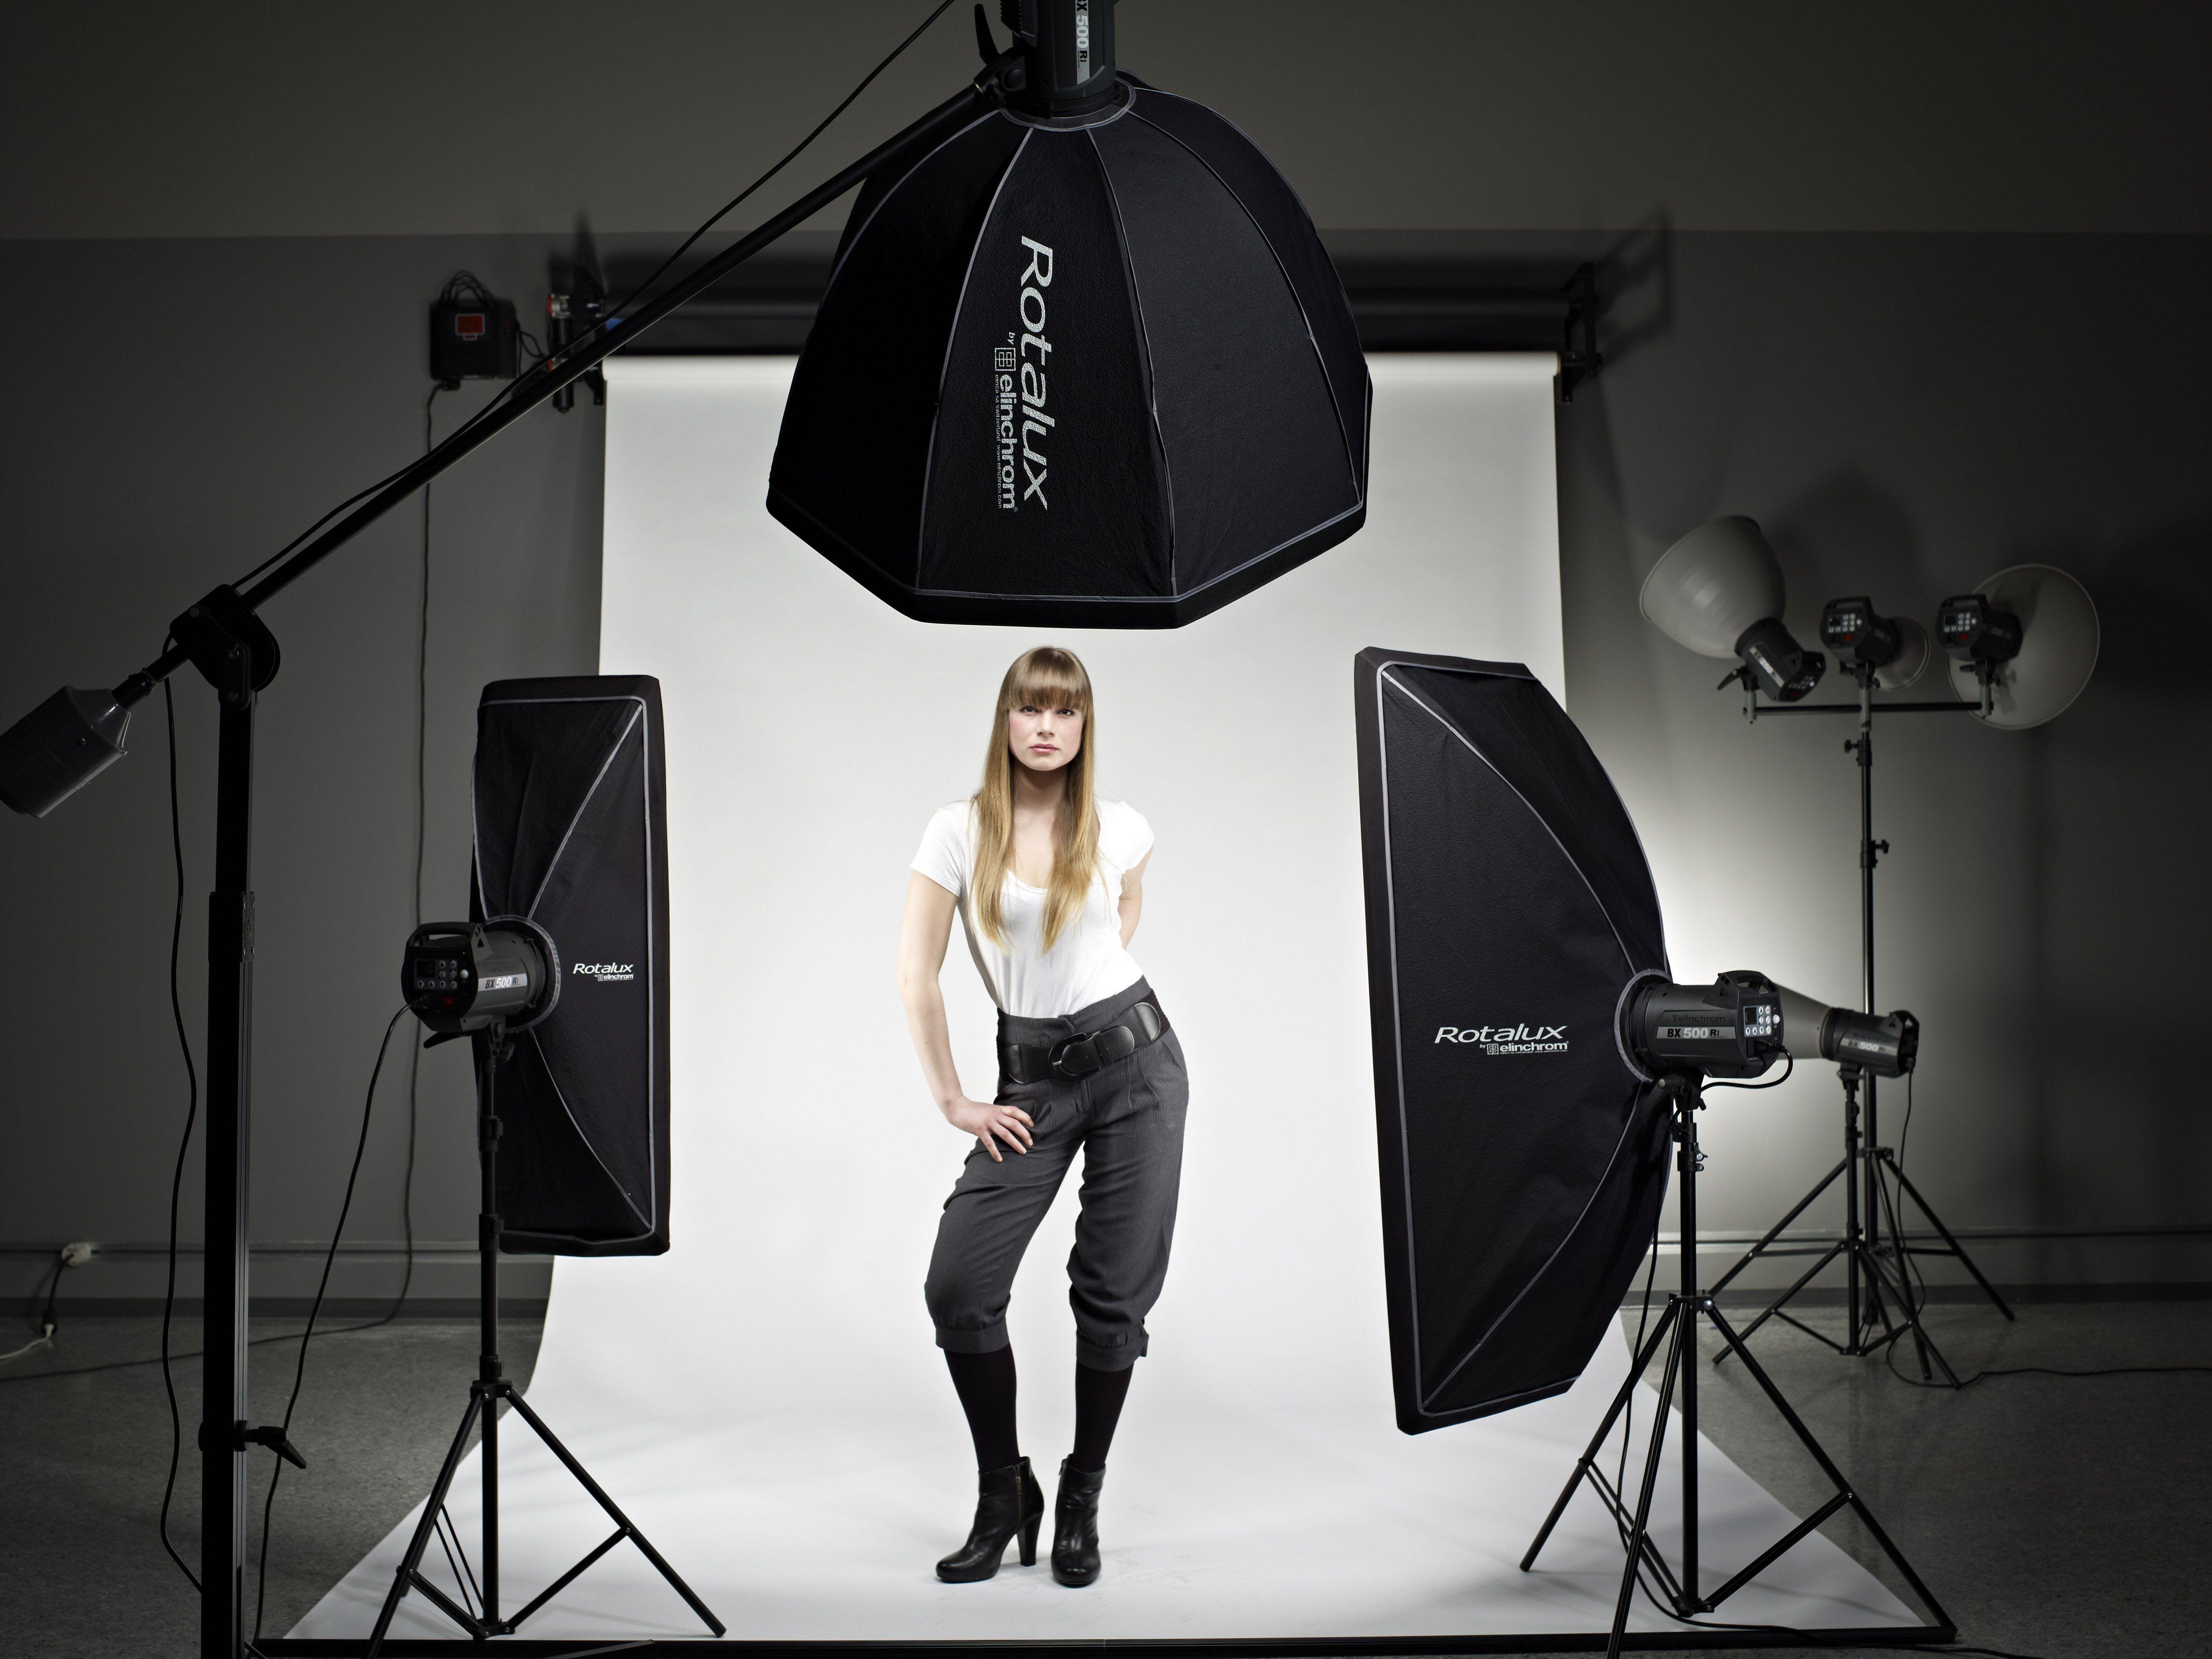 elinchrom sdutyo photography studio setup photography studio design studio photography lighting